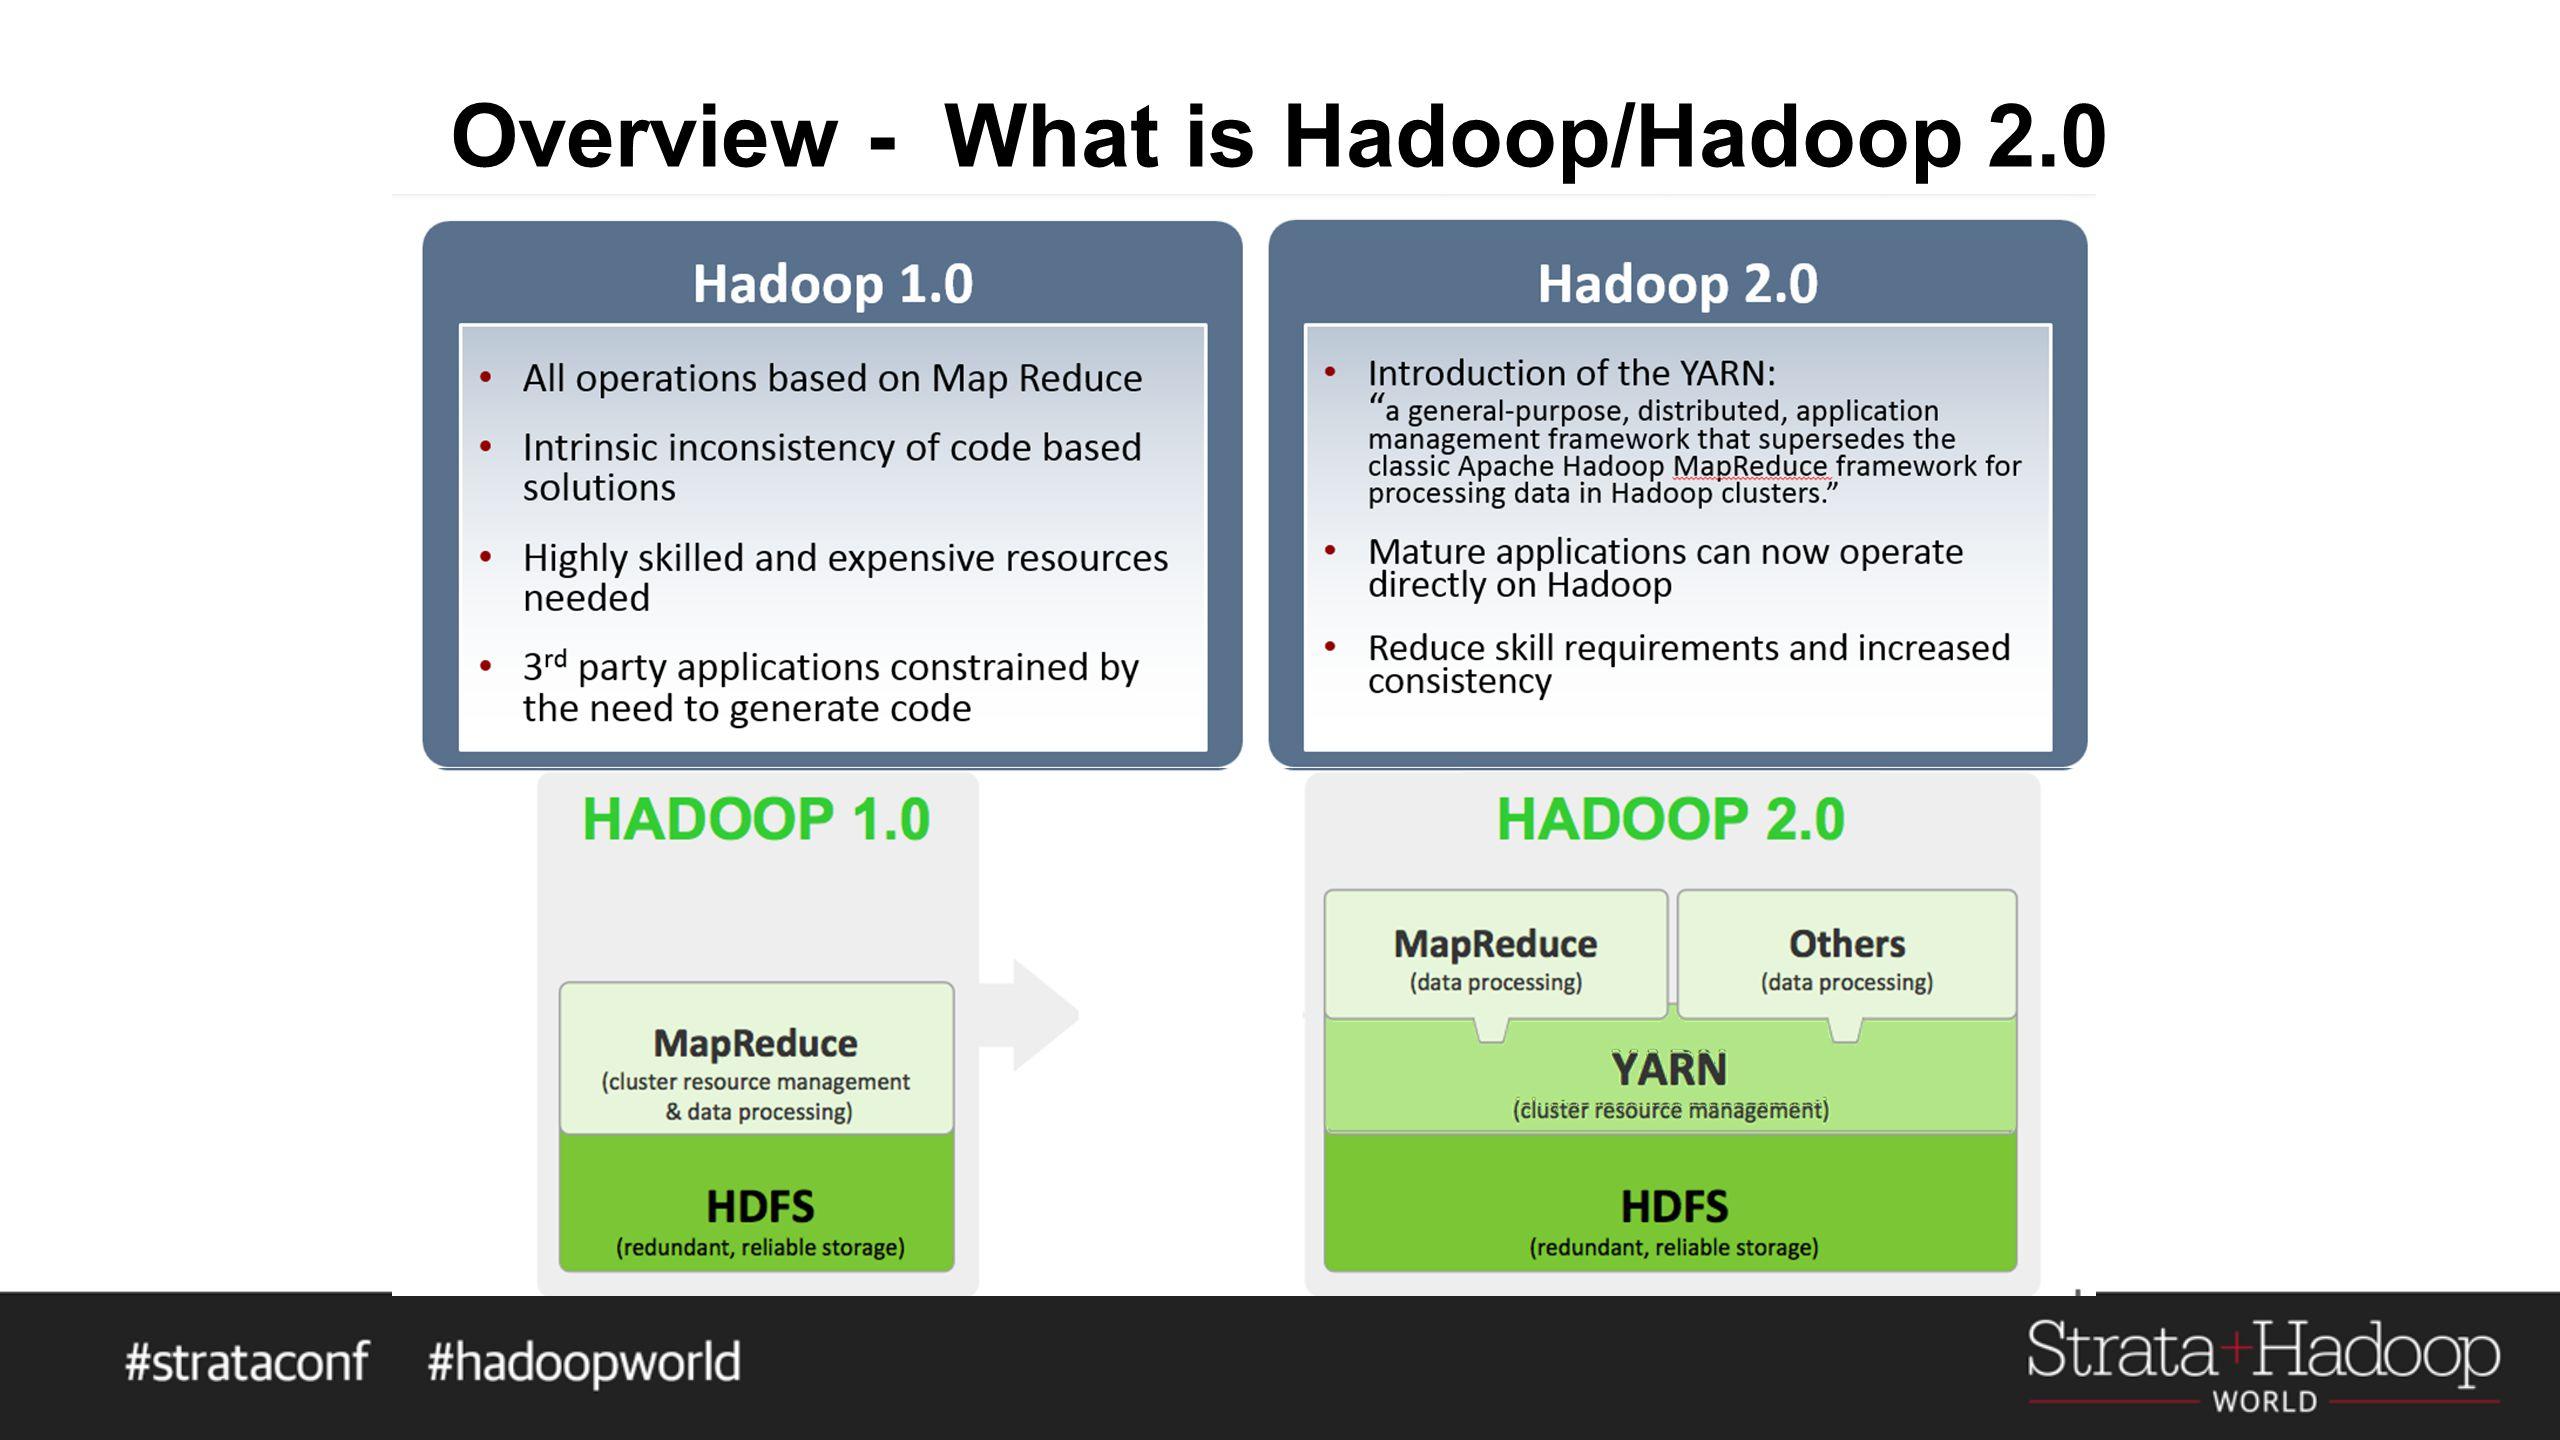 Overview - What is Hadoop/Hadoop 2.0